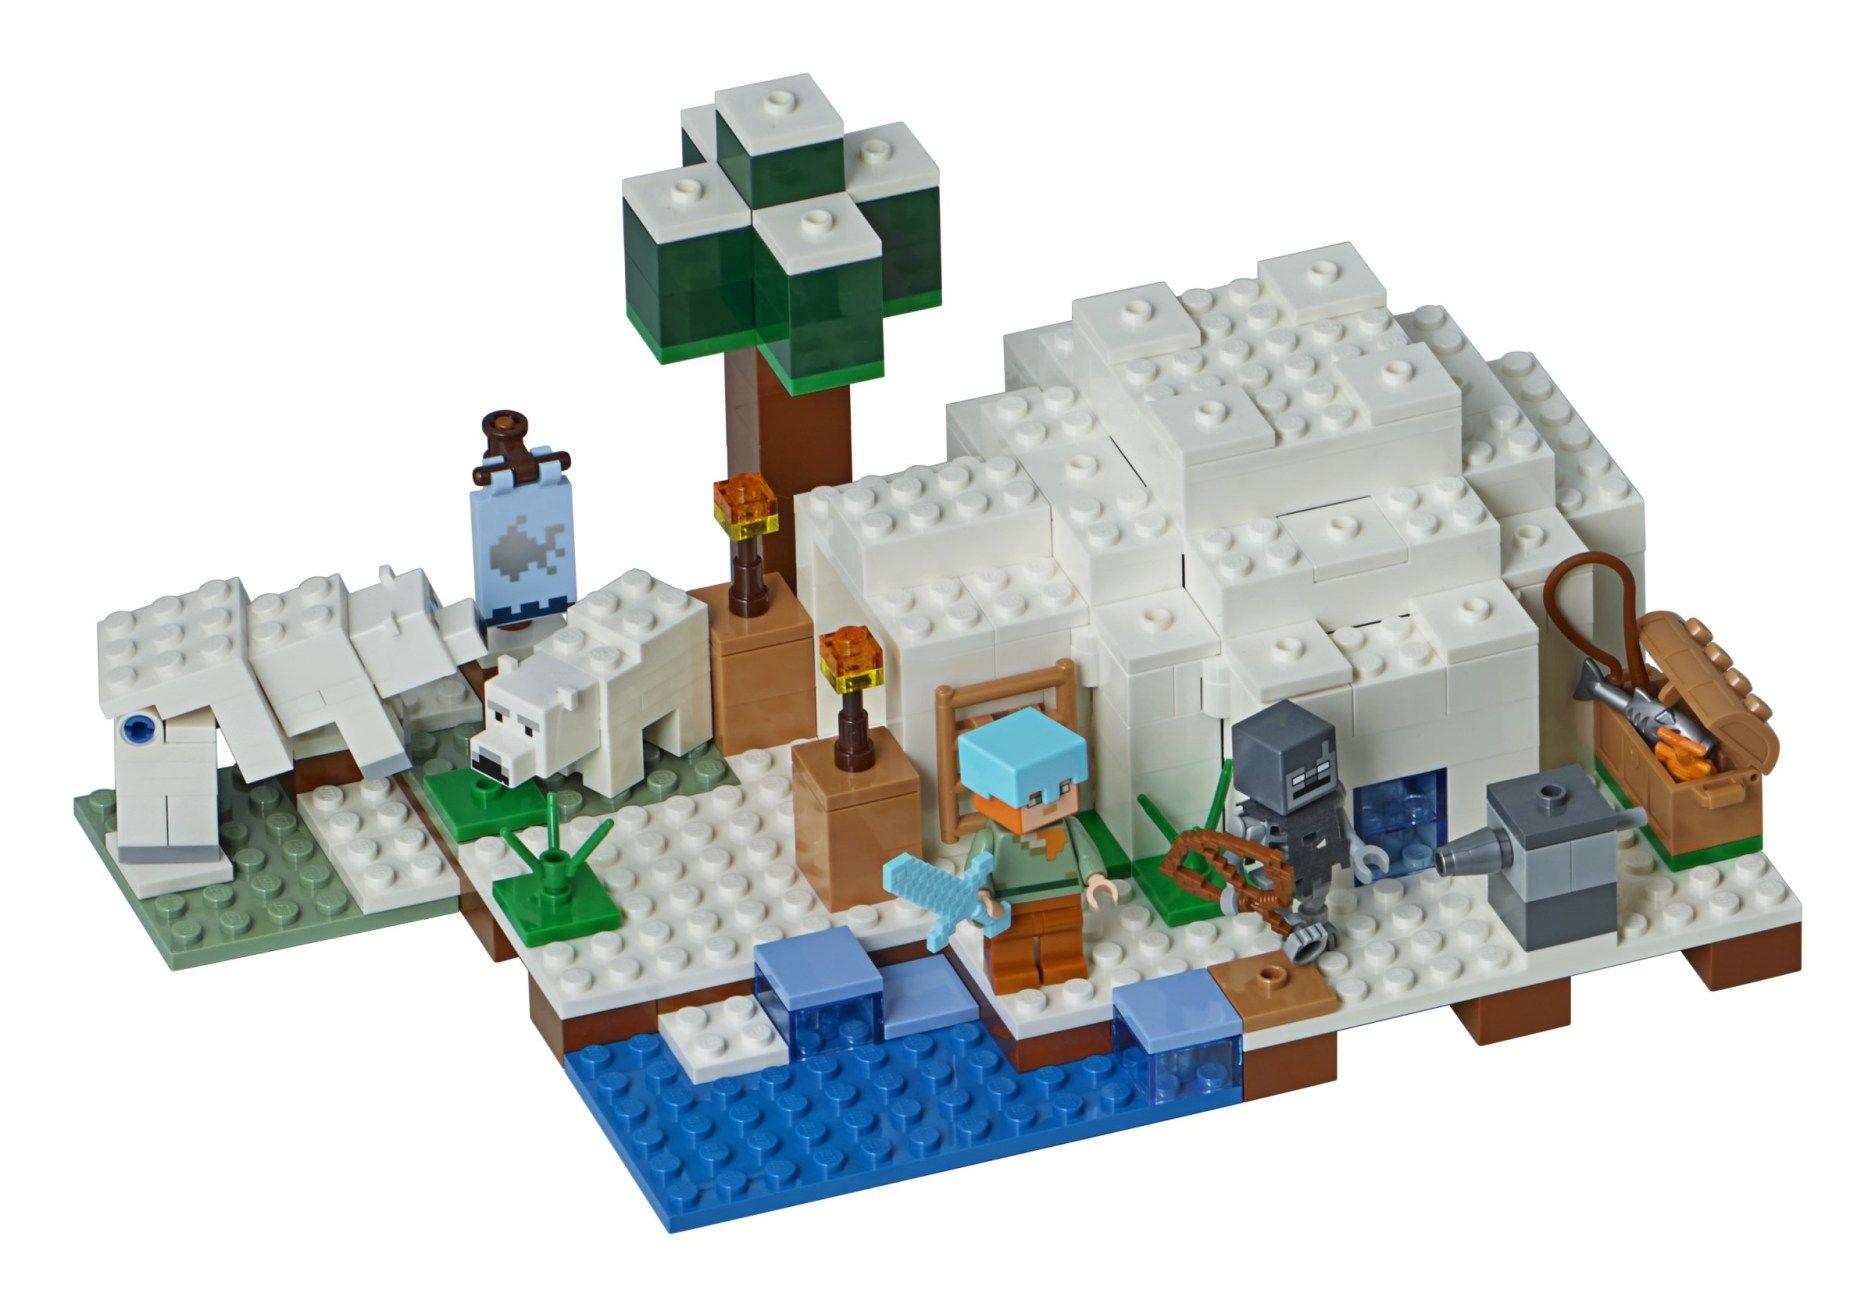 Lego Minecraft 2018 Sets Revealed News Lego Minecraft Lego